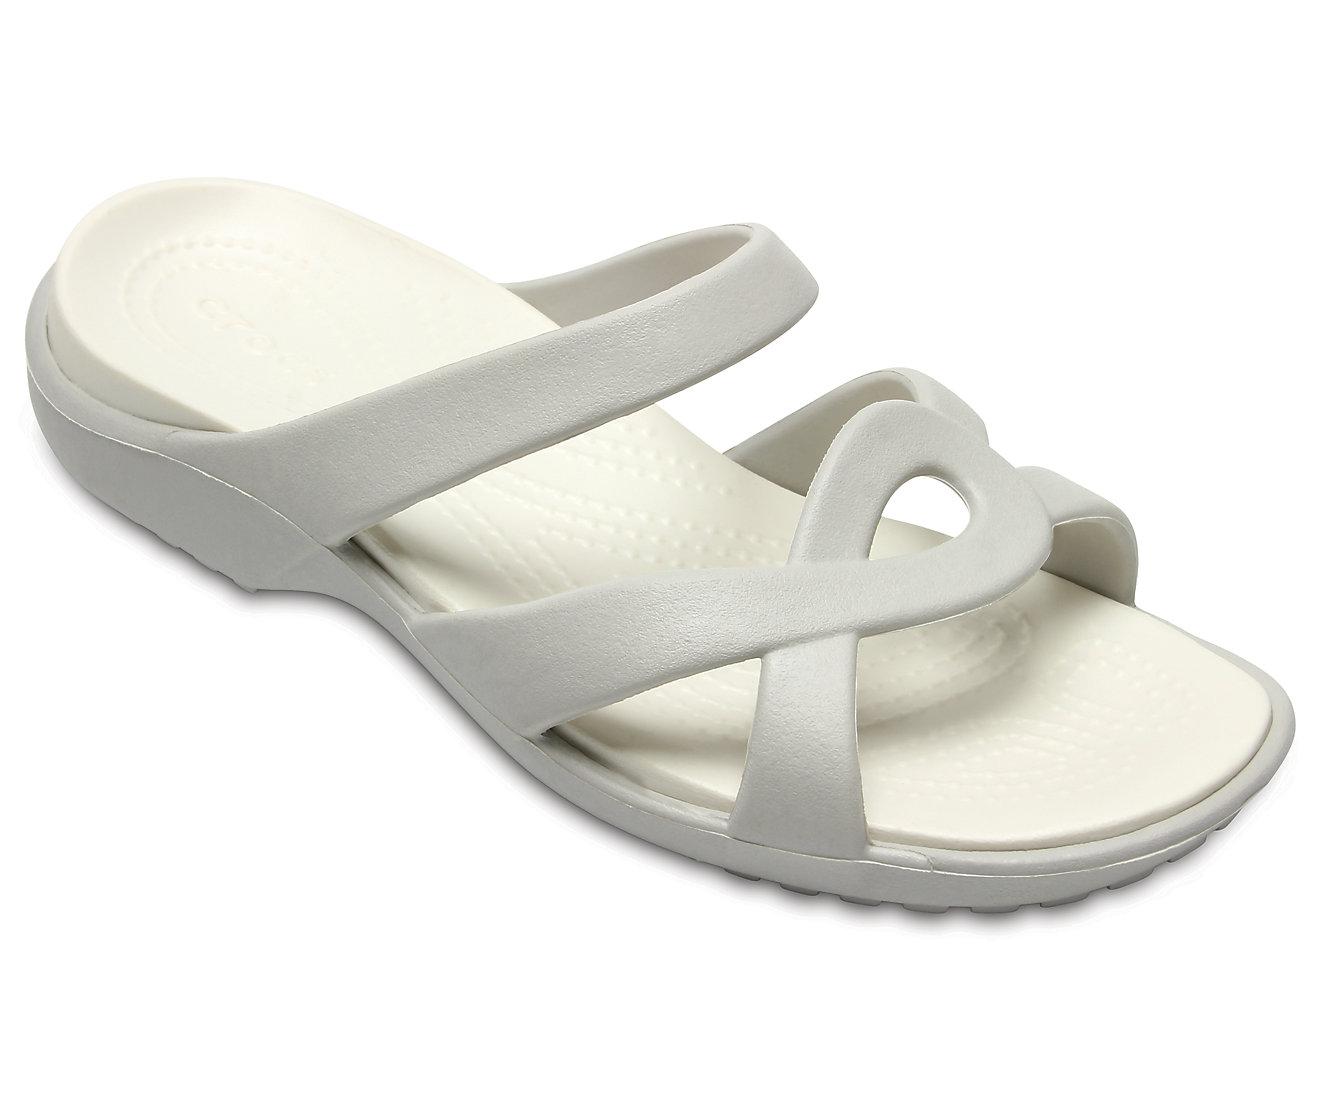 Crocs Women's Meleen Twist Sandal 202497 Pearl White/Oyster Άσπρο